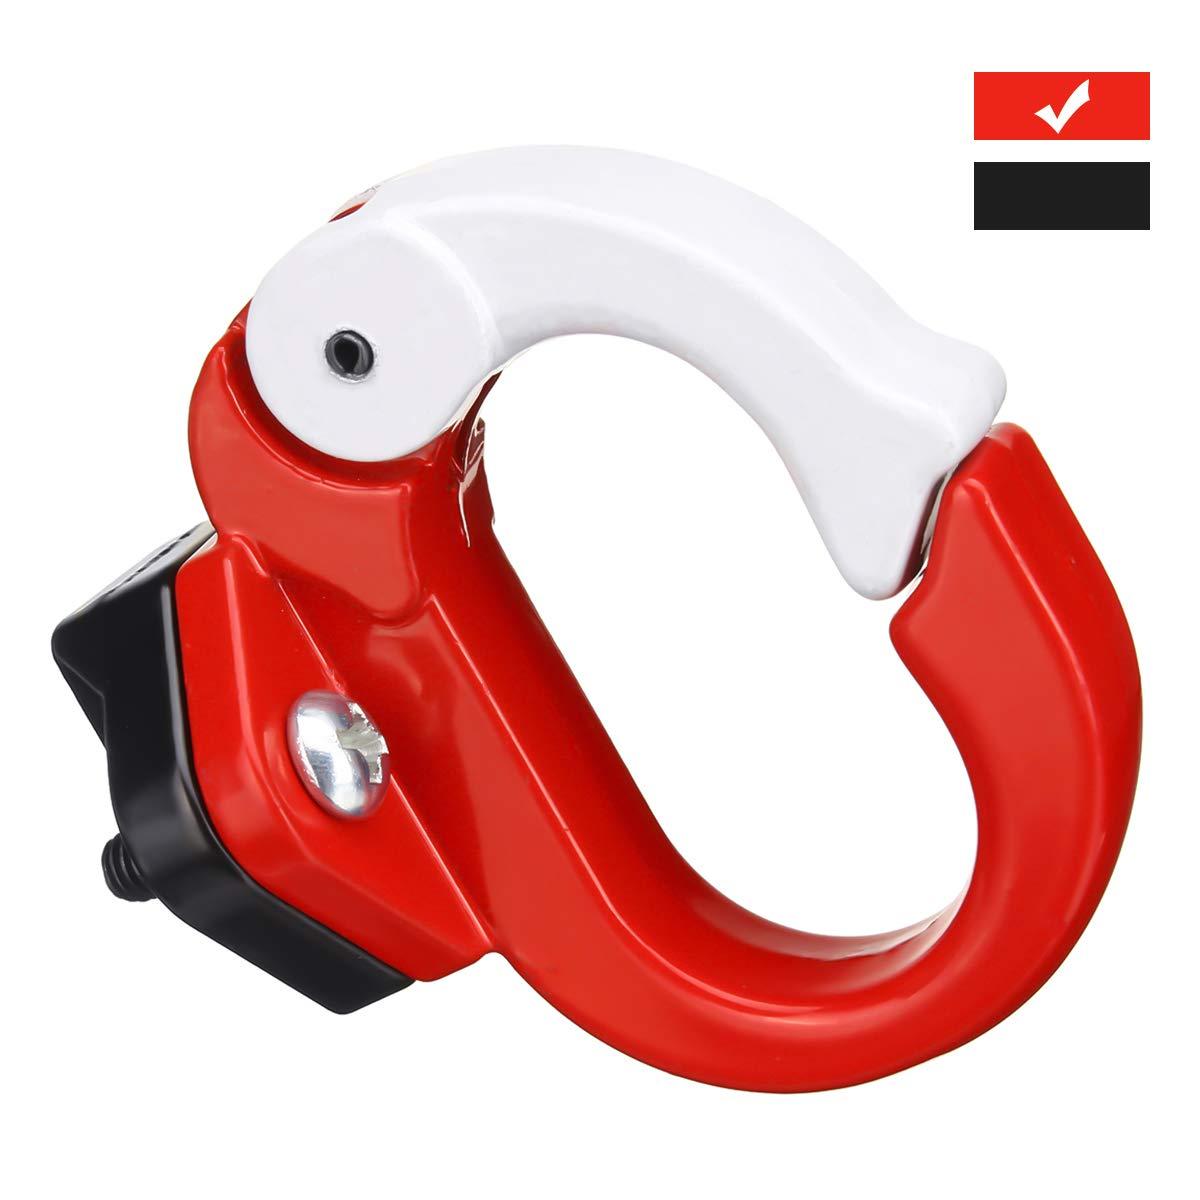 Charminer Kit de Montaje de Ganchos de Metal Adecuado Estante para Xiaomi Scooter Elé ctrico, Accesorios de Bicicleta Rojo Rojo